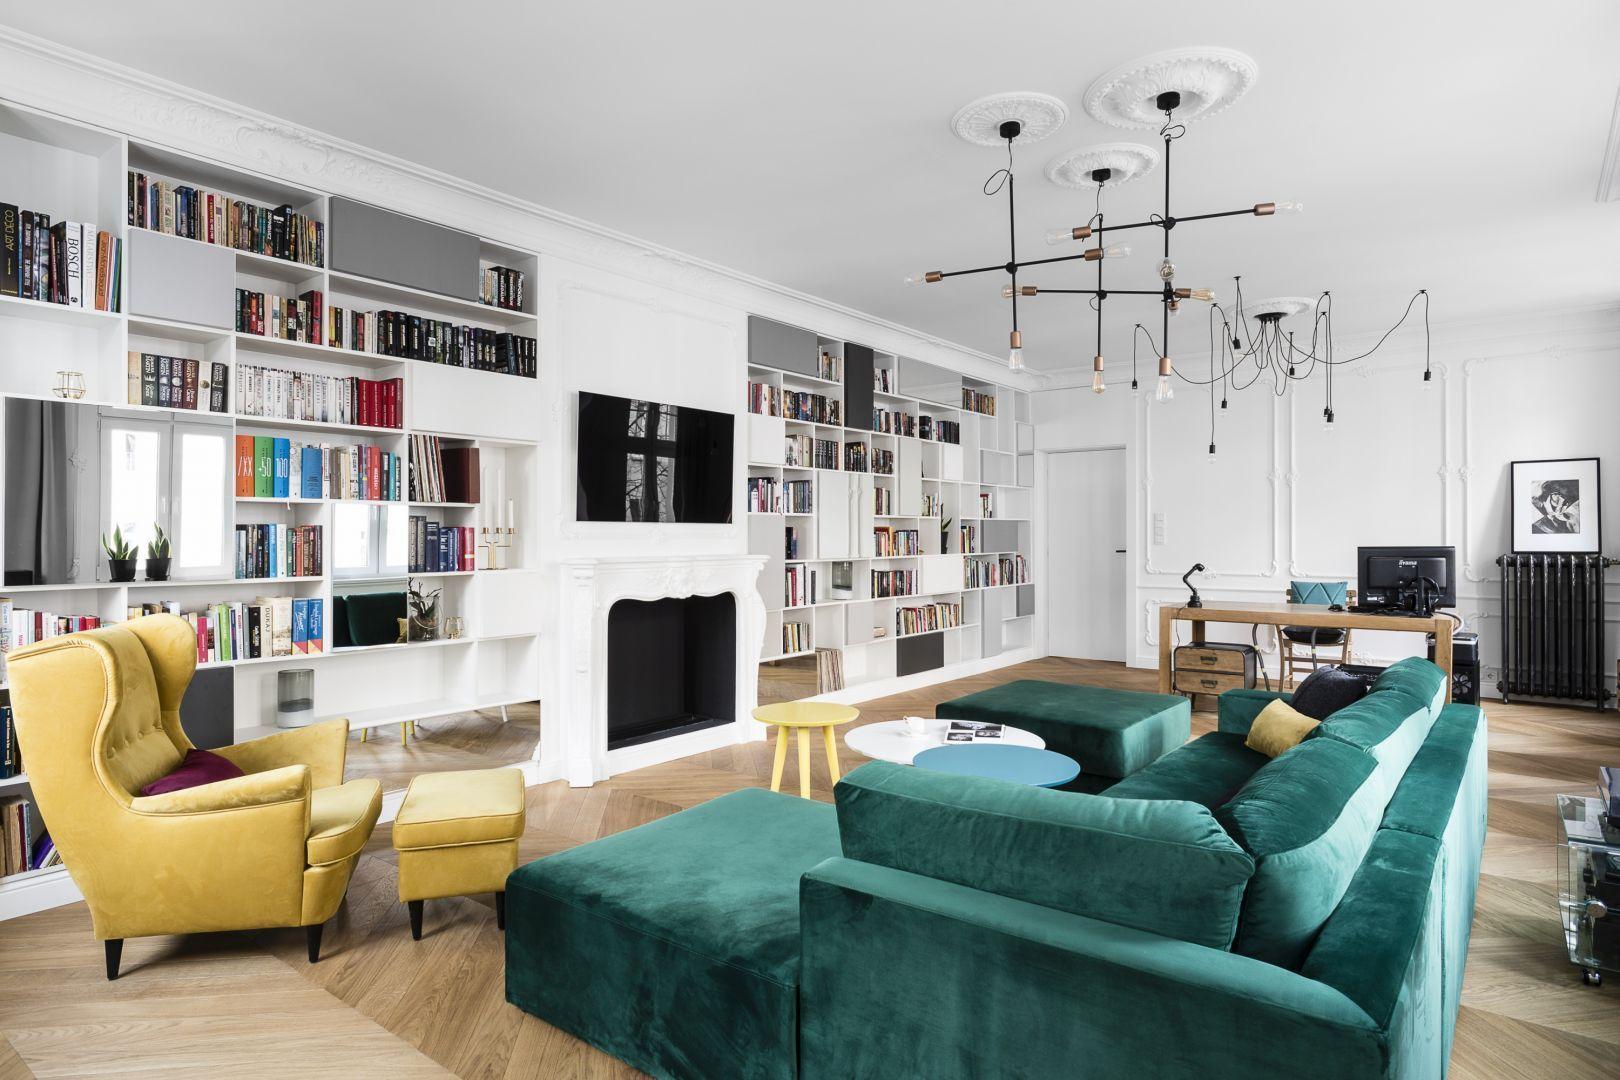 W tym salonie miejsca na książki nie brakuje. Otwarte półki zajmują całą ścianę. Projekt: Anna Maria Sokołowska. Fot. Fotomohito